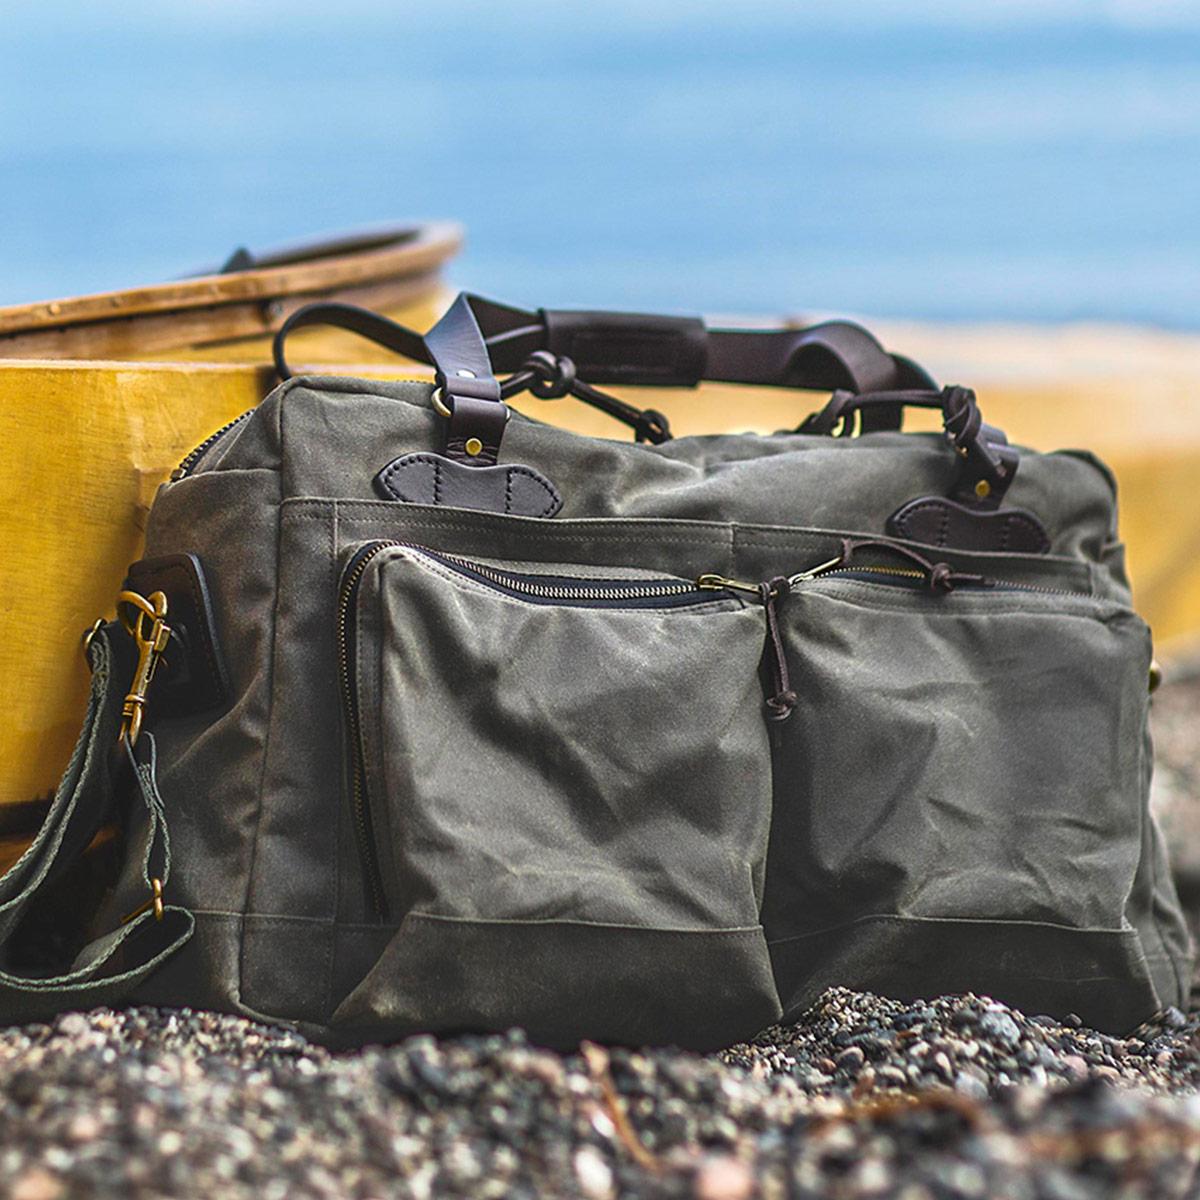 Filson 48-Hour Duffle, diese tolle Tasche ist der perfekte Geschäftspartner auf Reisen